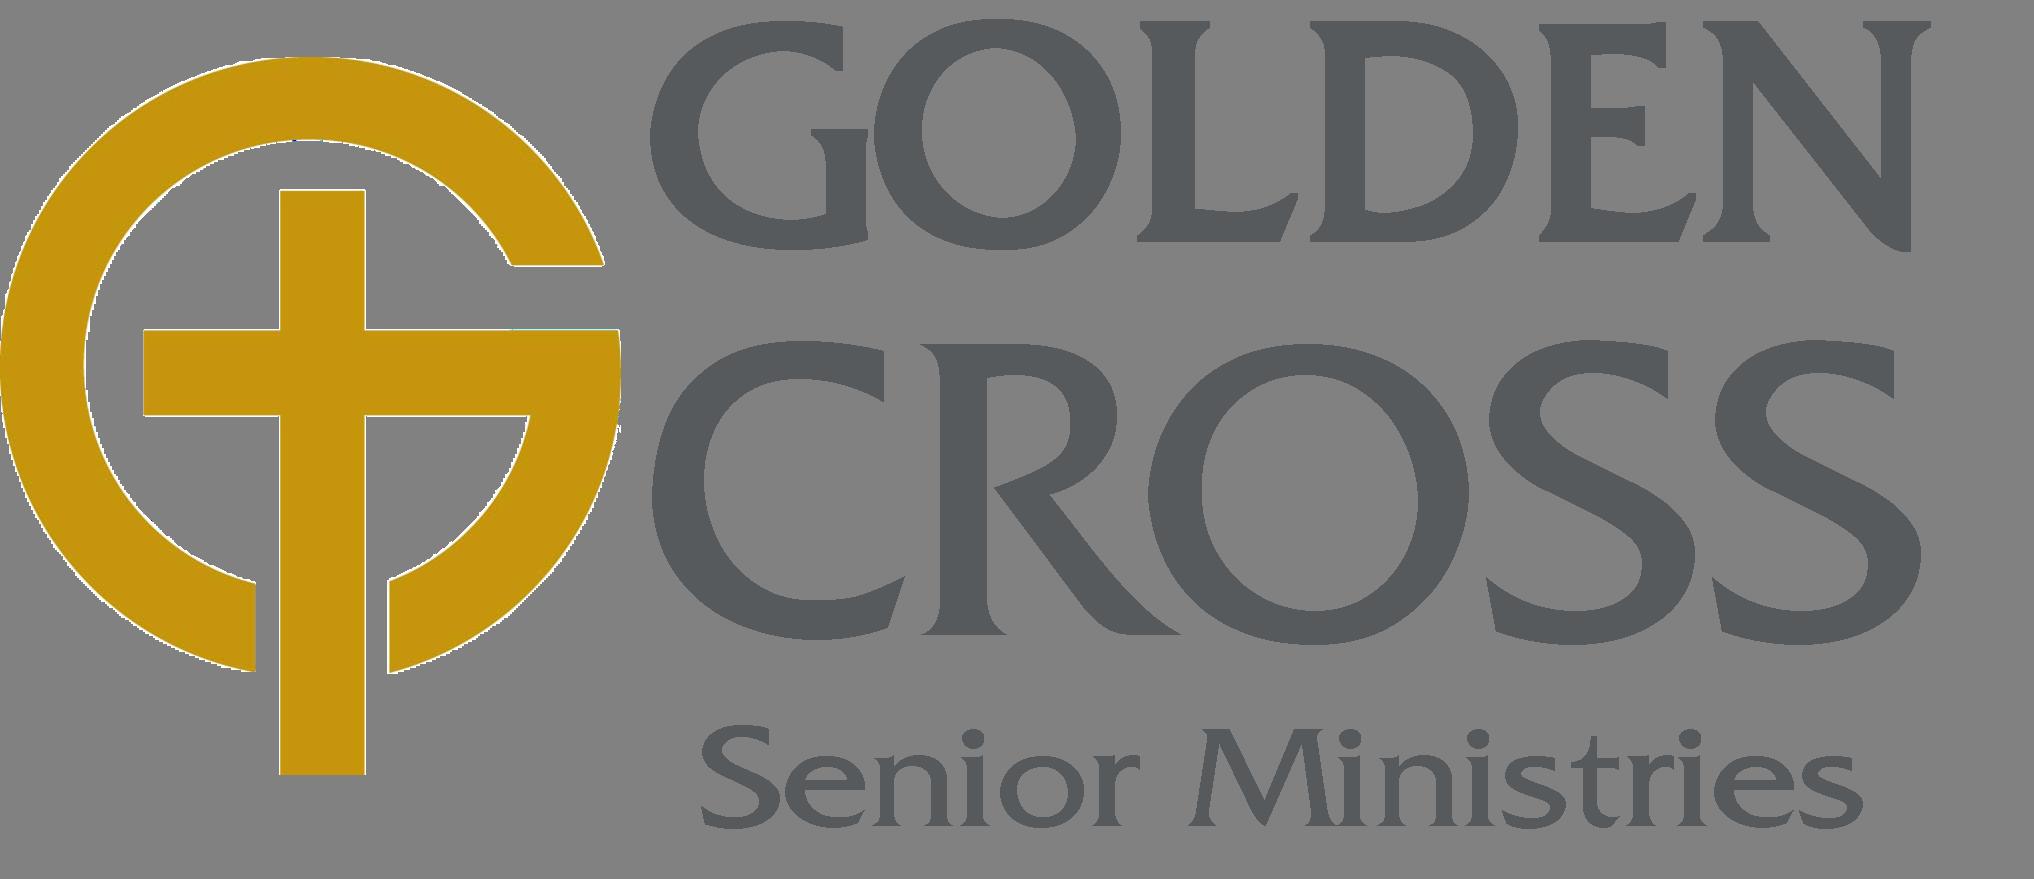 Golden Cross Senior Ministries